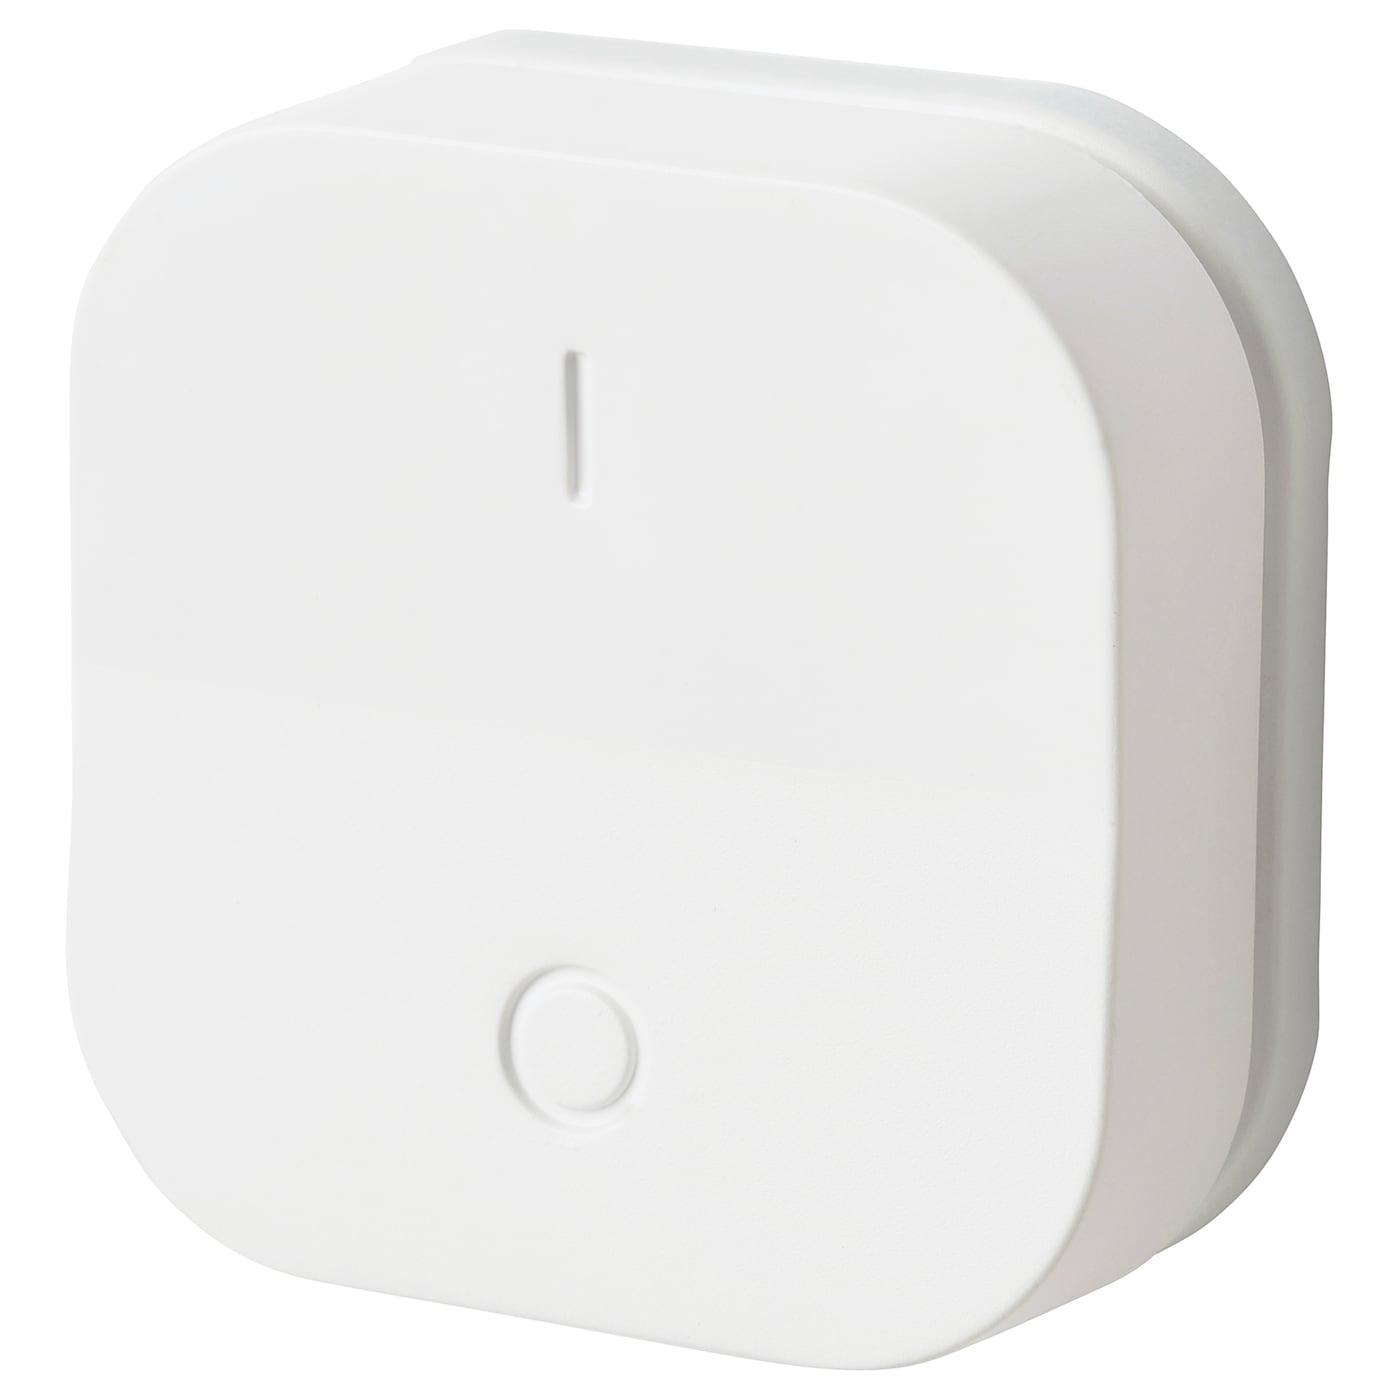 Smartbelysning For en smartere og lysere hverdag IKEA